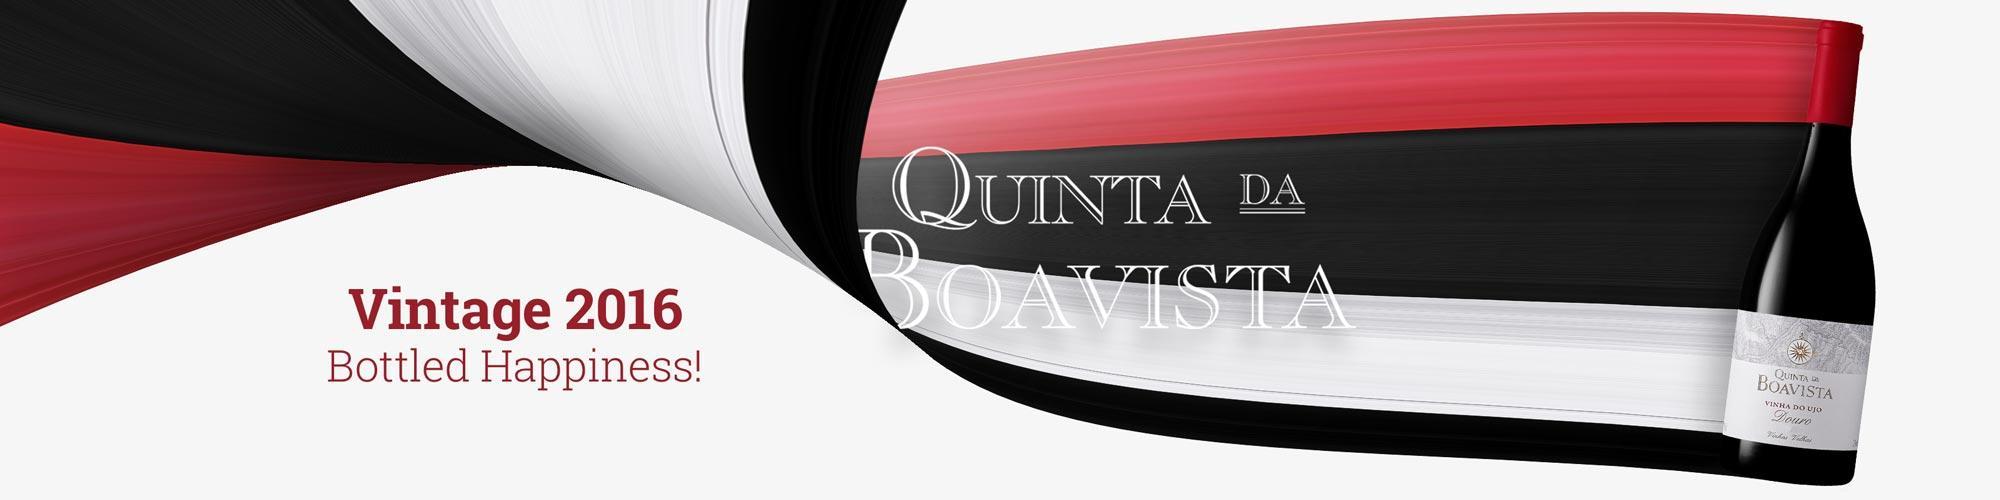 New Quinta da Boavista 2016